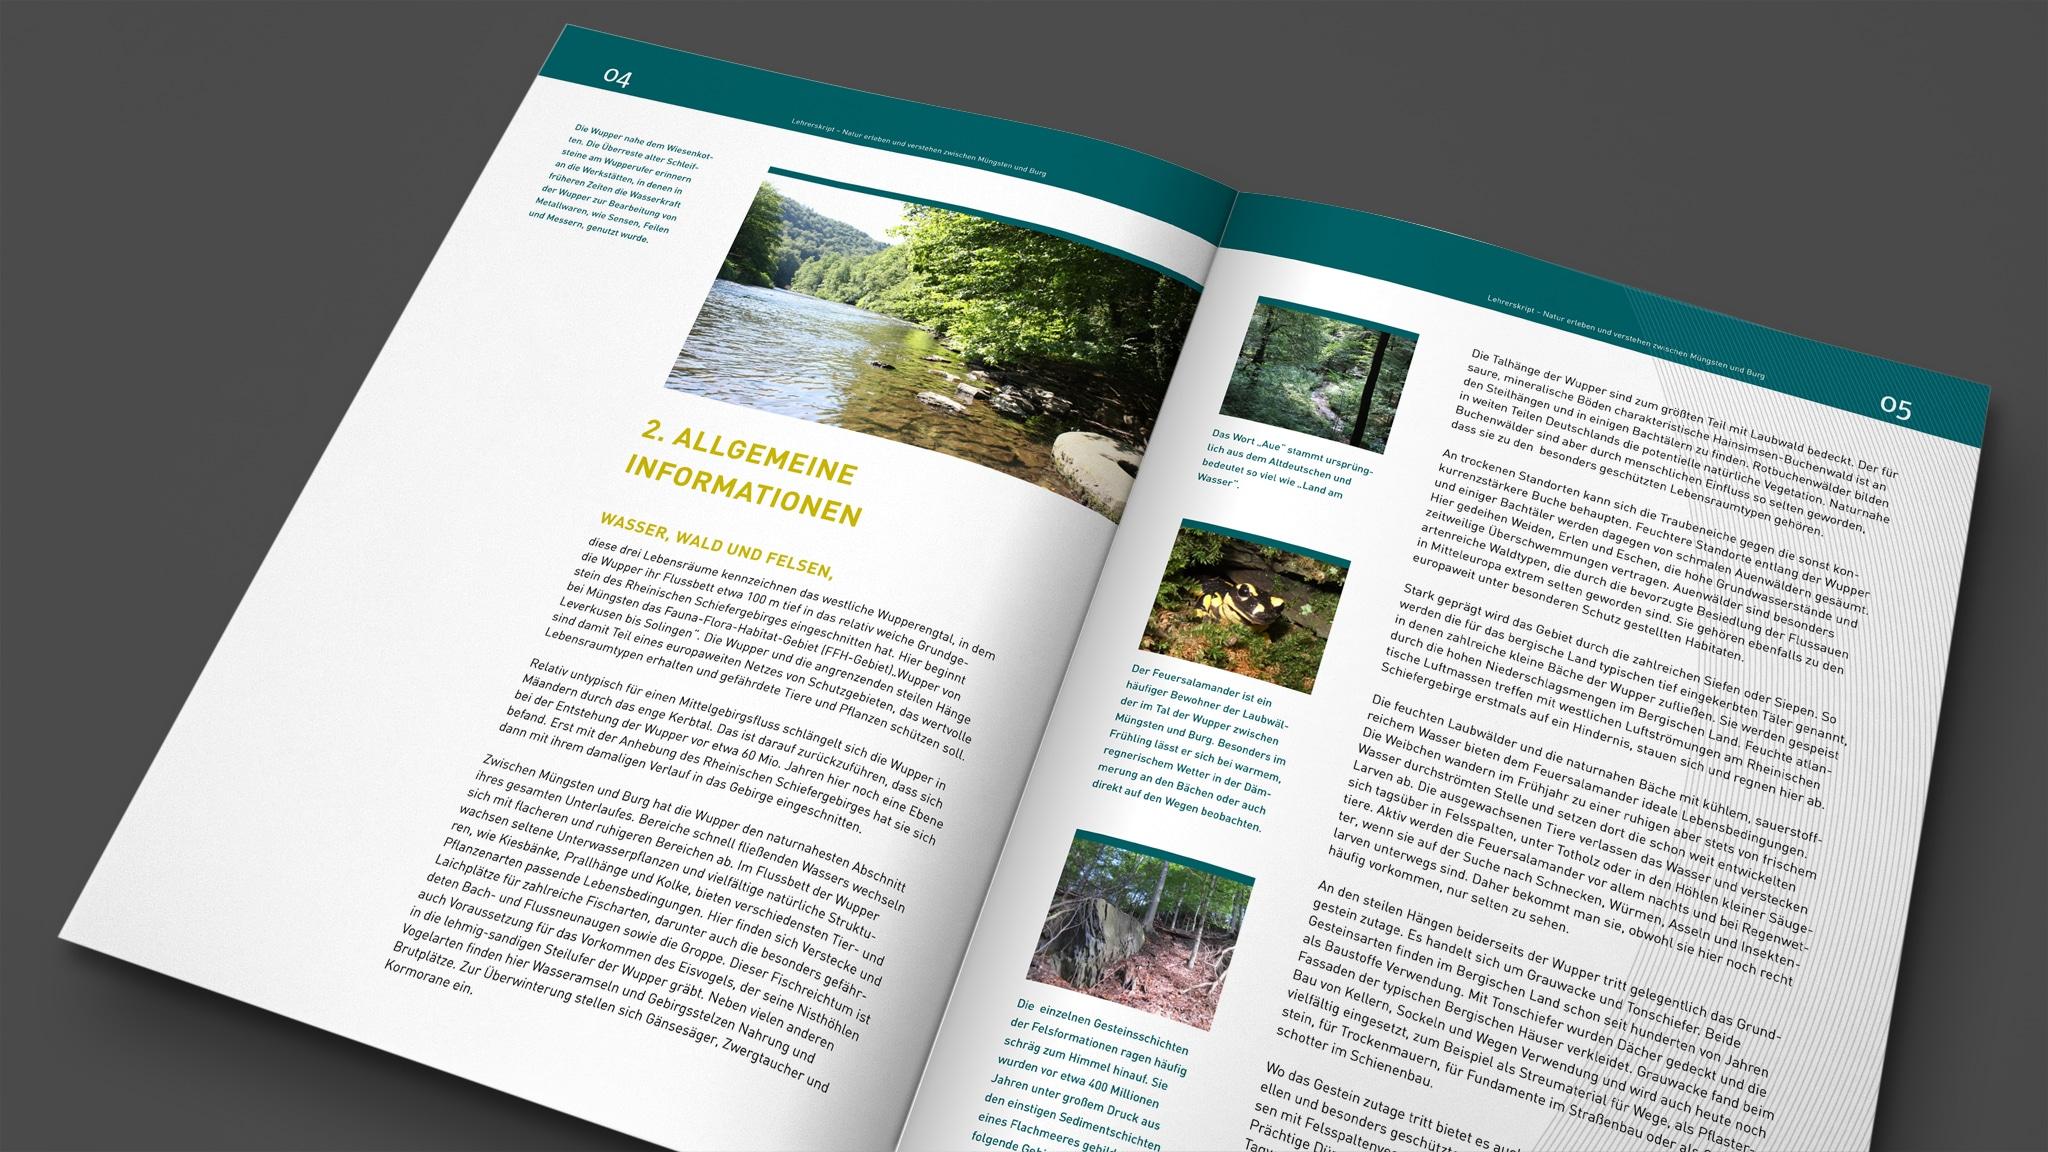 Innenseite Broschüre Betgisches Habitat